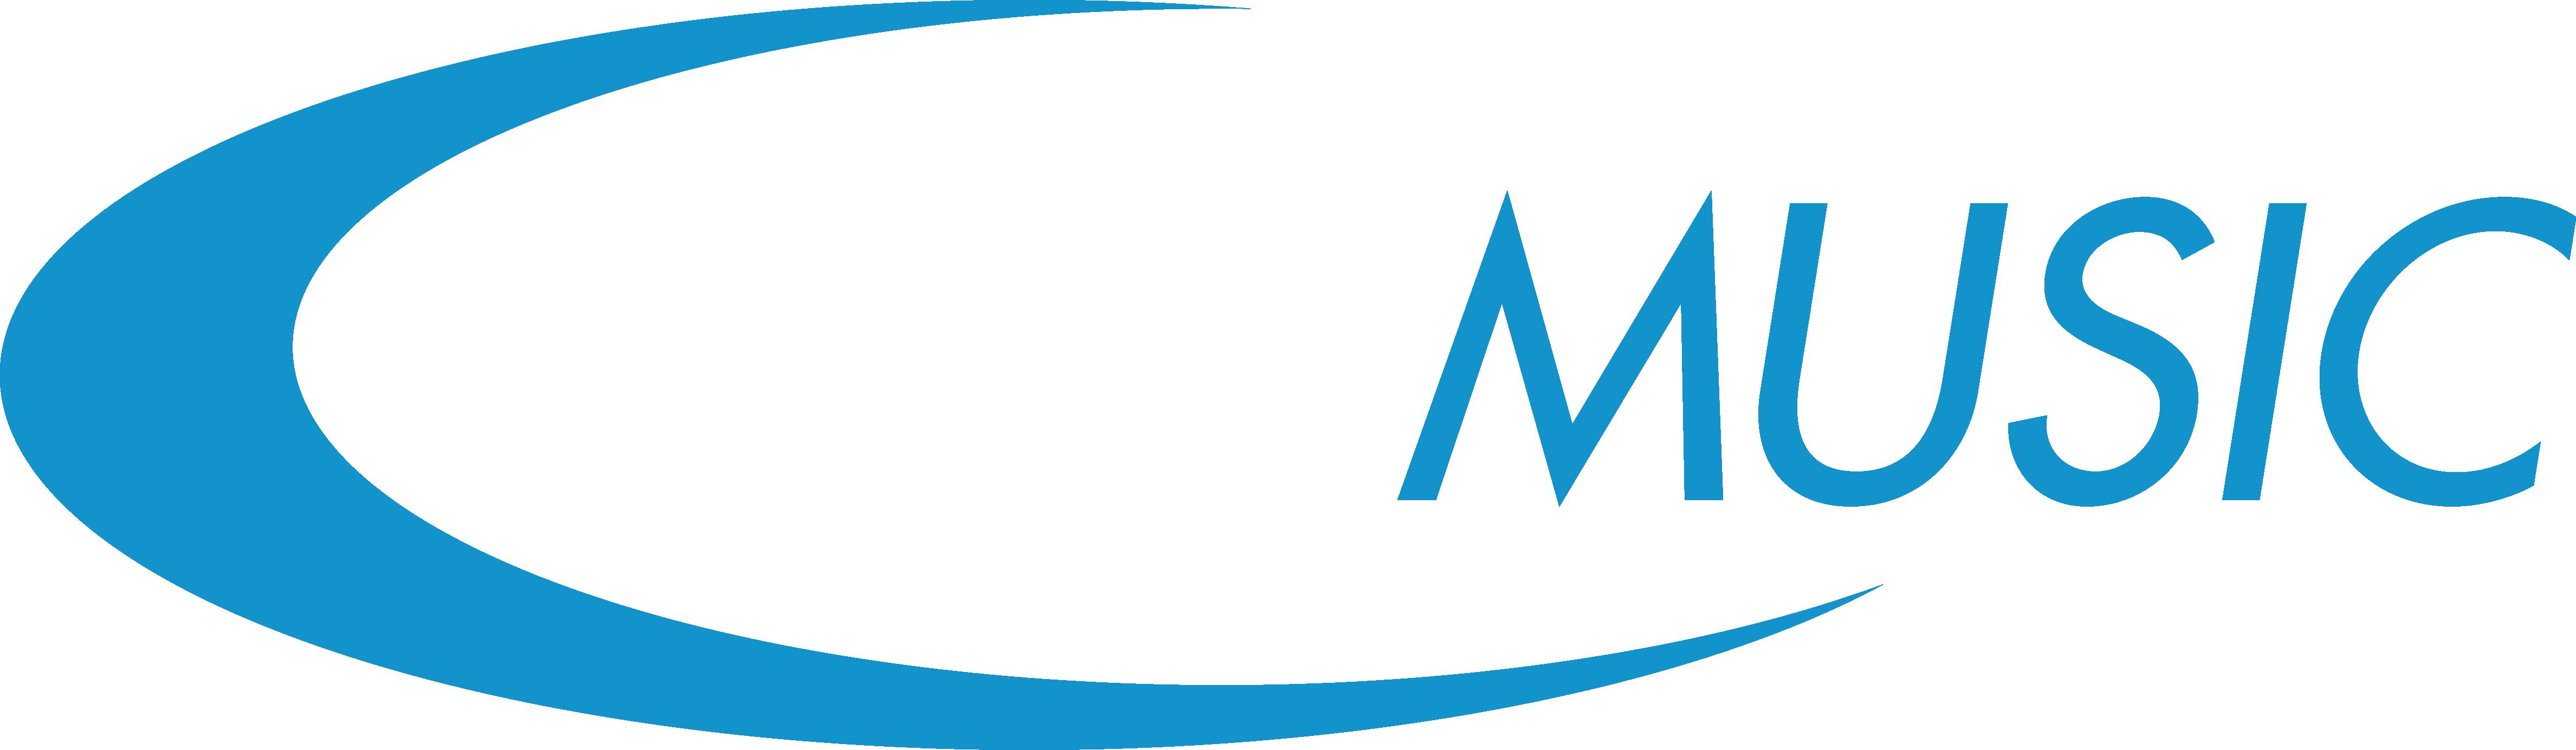 music logo png pic #2345